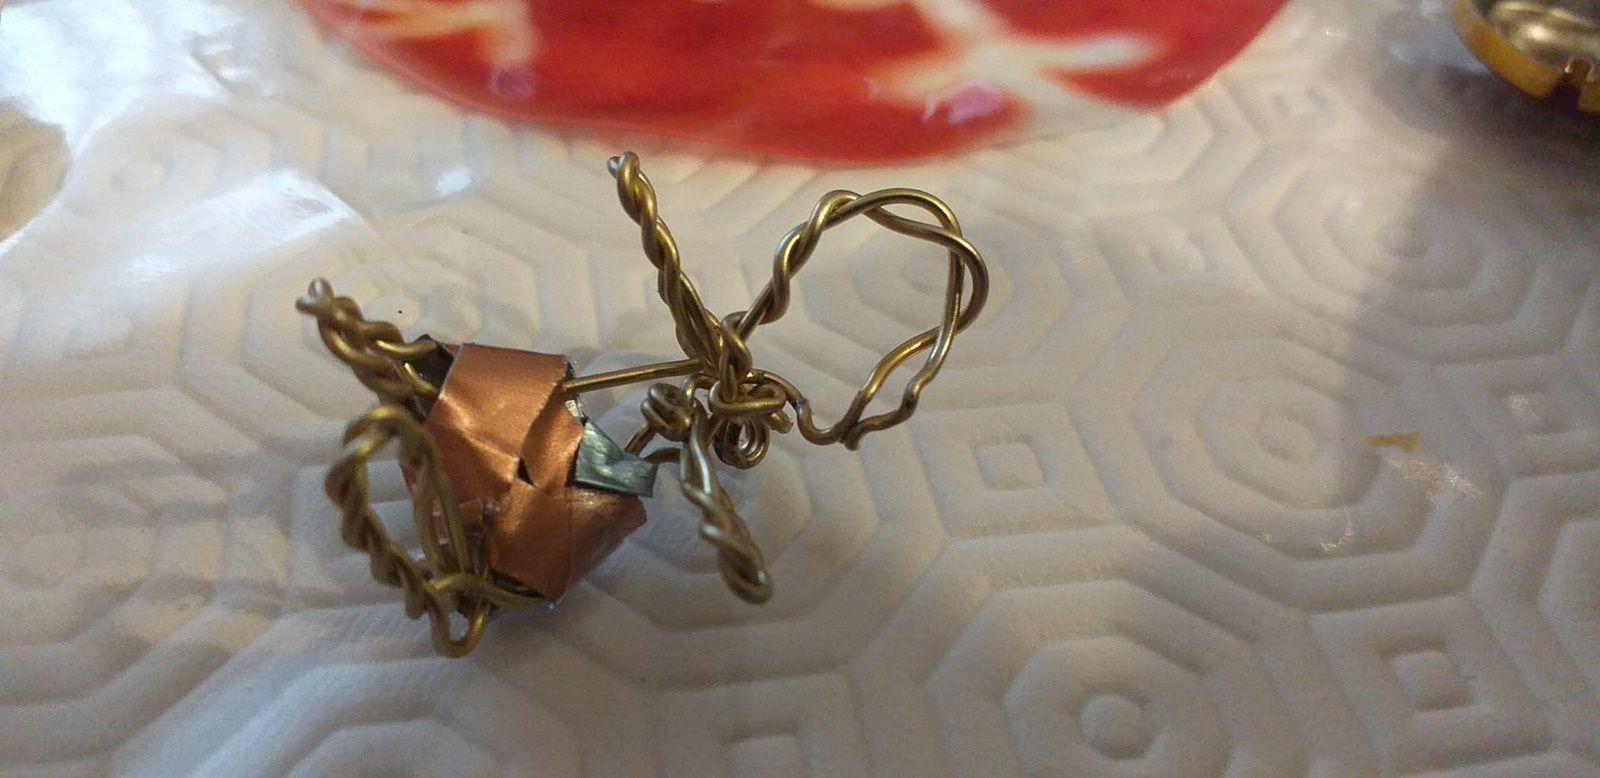 petites choses faites dans une capsule de champagne